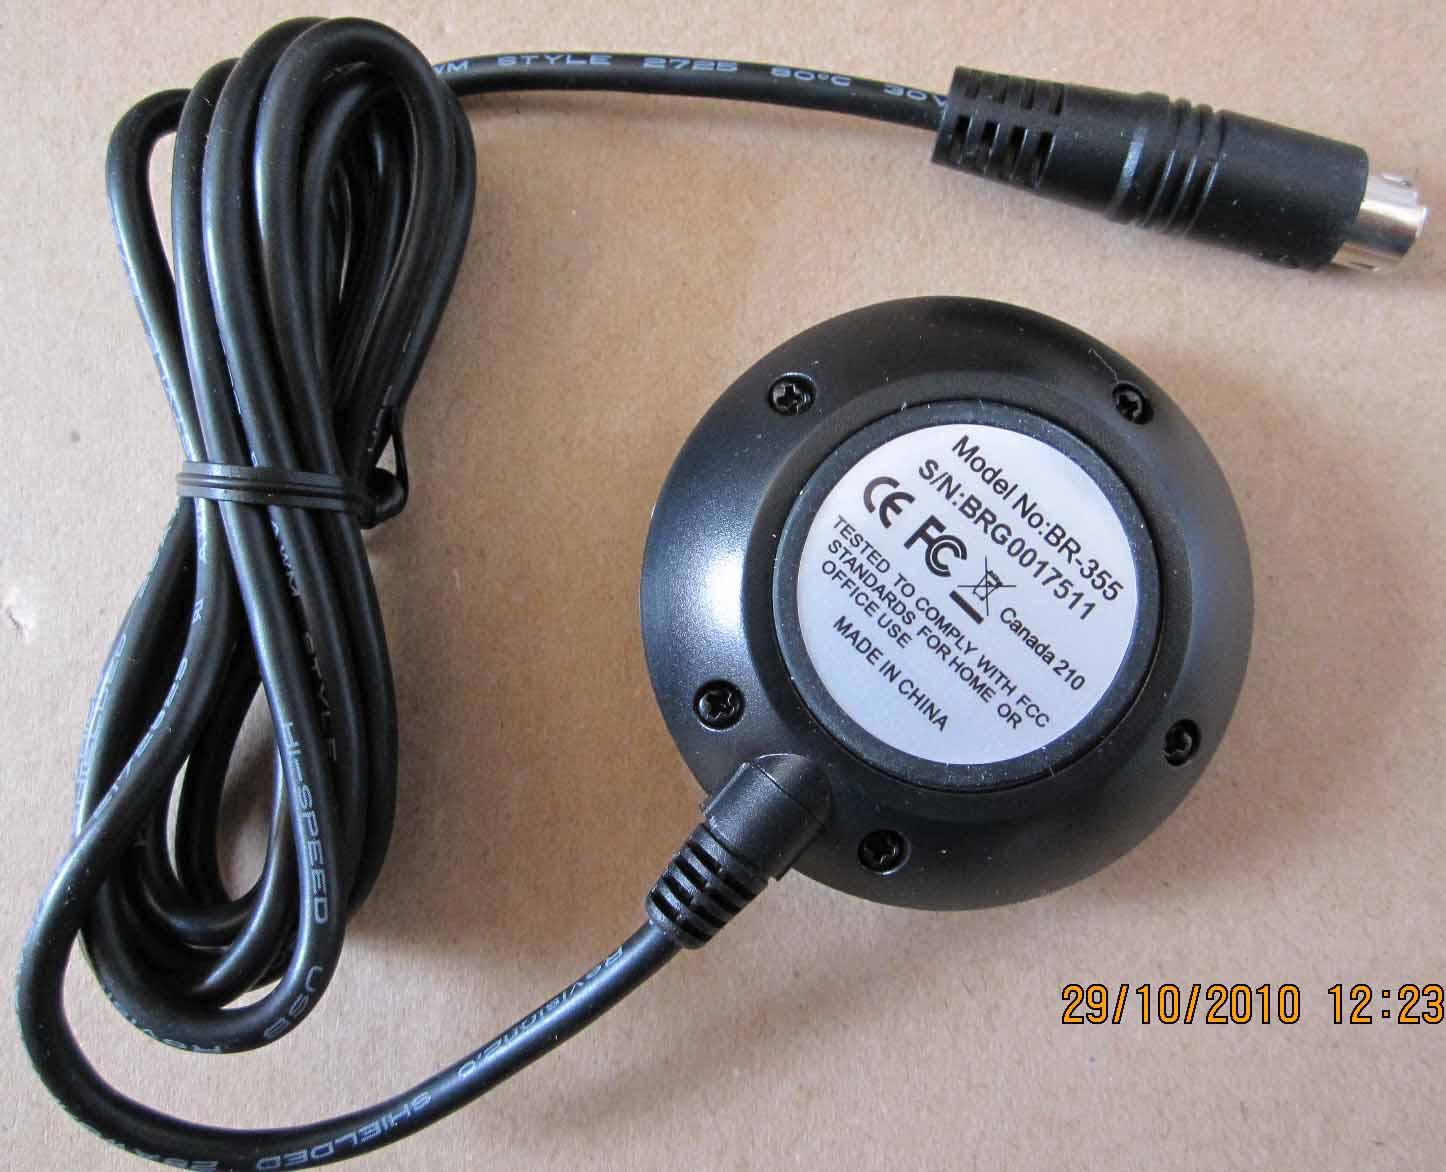 模块 GPS 电平接口 RS232 支持串口 355S4 BR 台湾原产环天